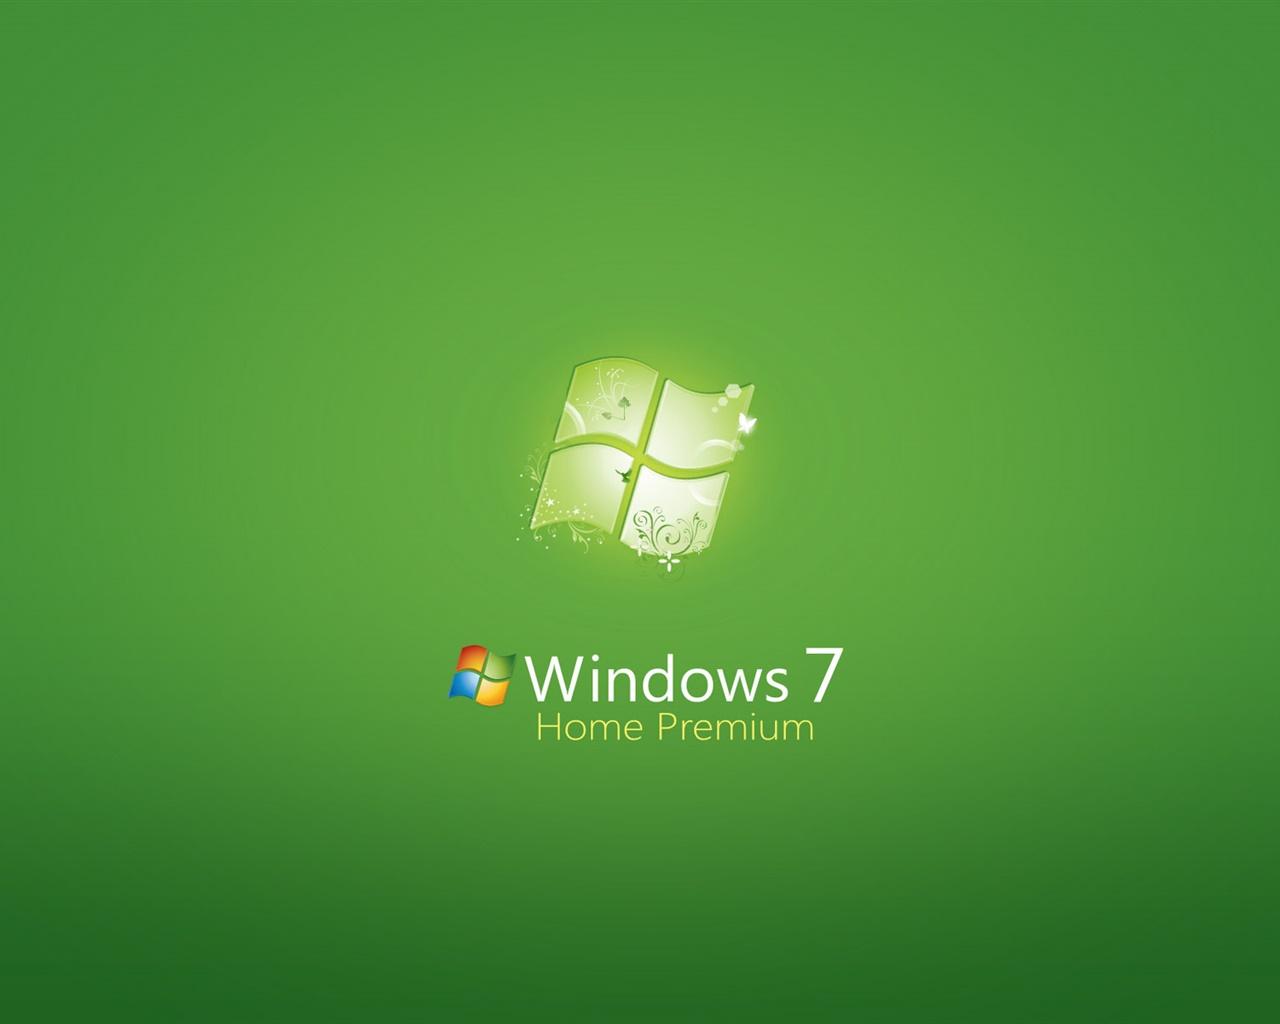 Windows 7のホームプレミアム 緑の背景 デスクトップの壁紙 1280x1024 壁紙をダウンロード Ja Hdwall365 Com